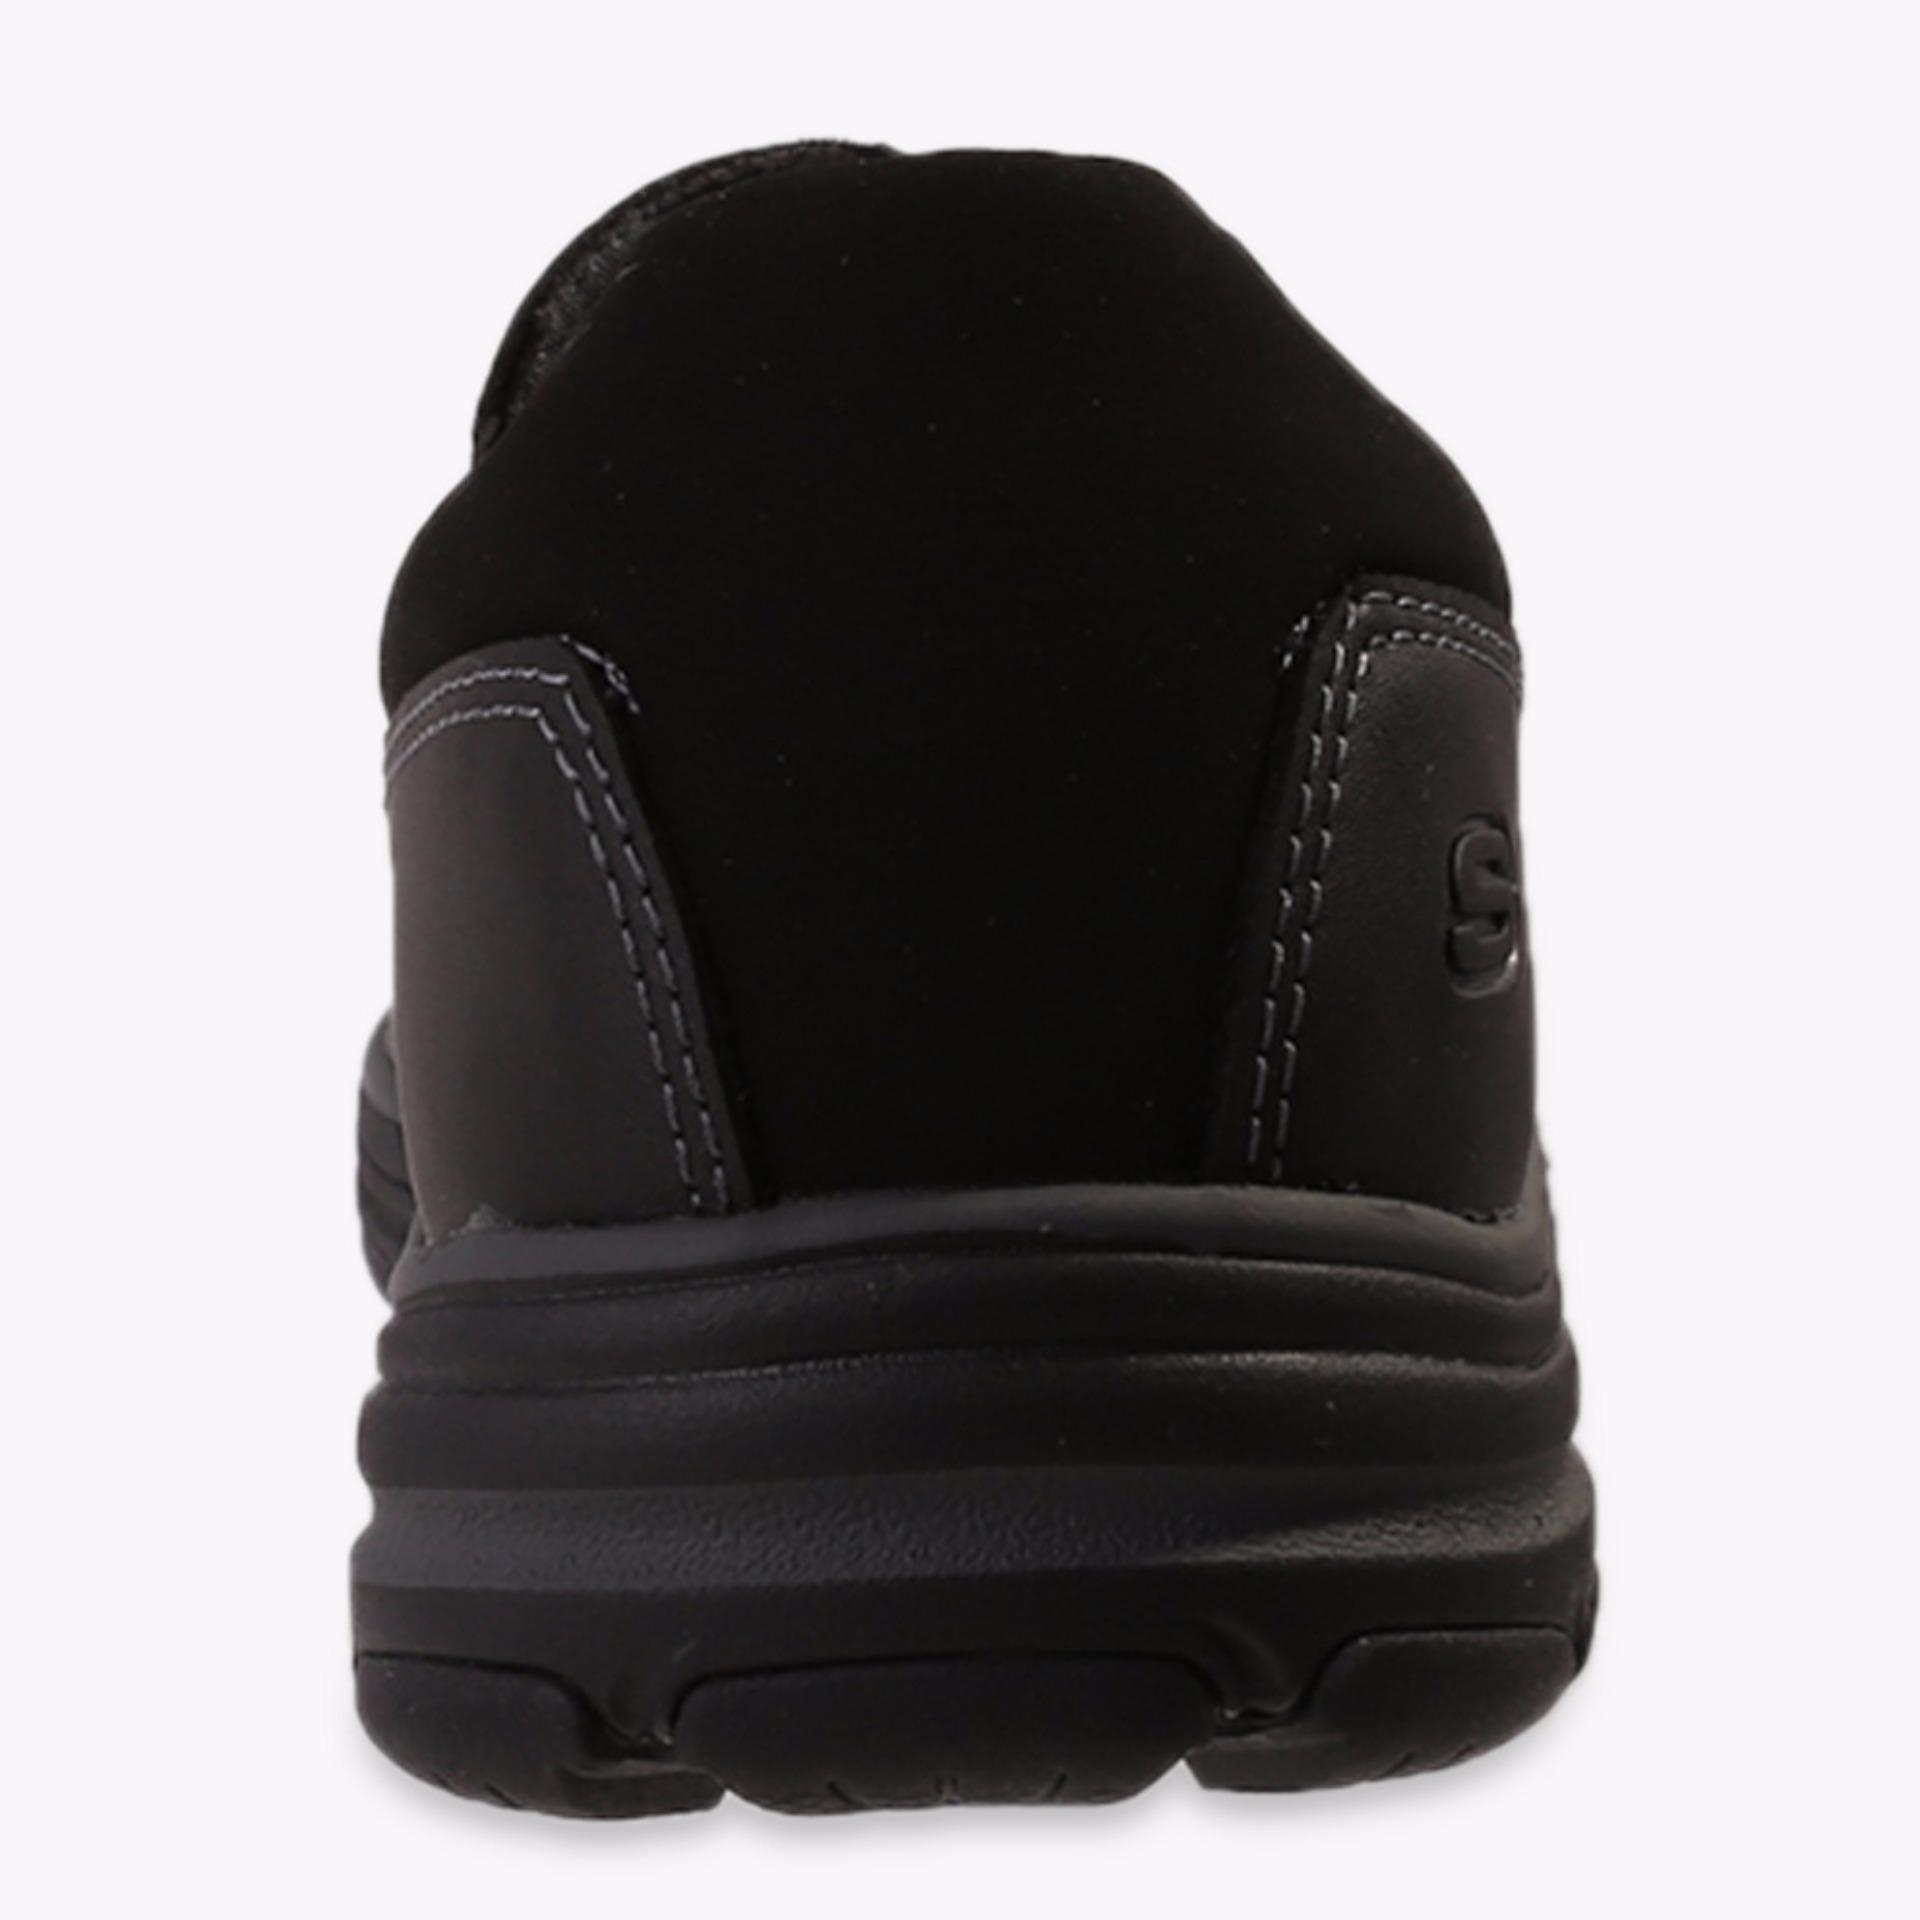 Morello Sandal Mens Puyue Hitam Daftar Harga Terkini dan Source · Skechers Garton Venco Men s Casual Shoes Hitam